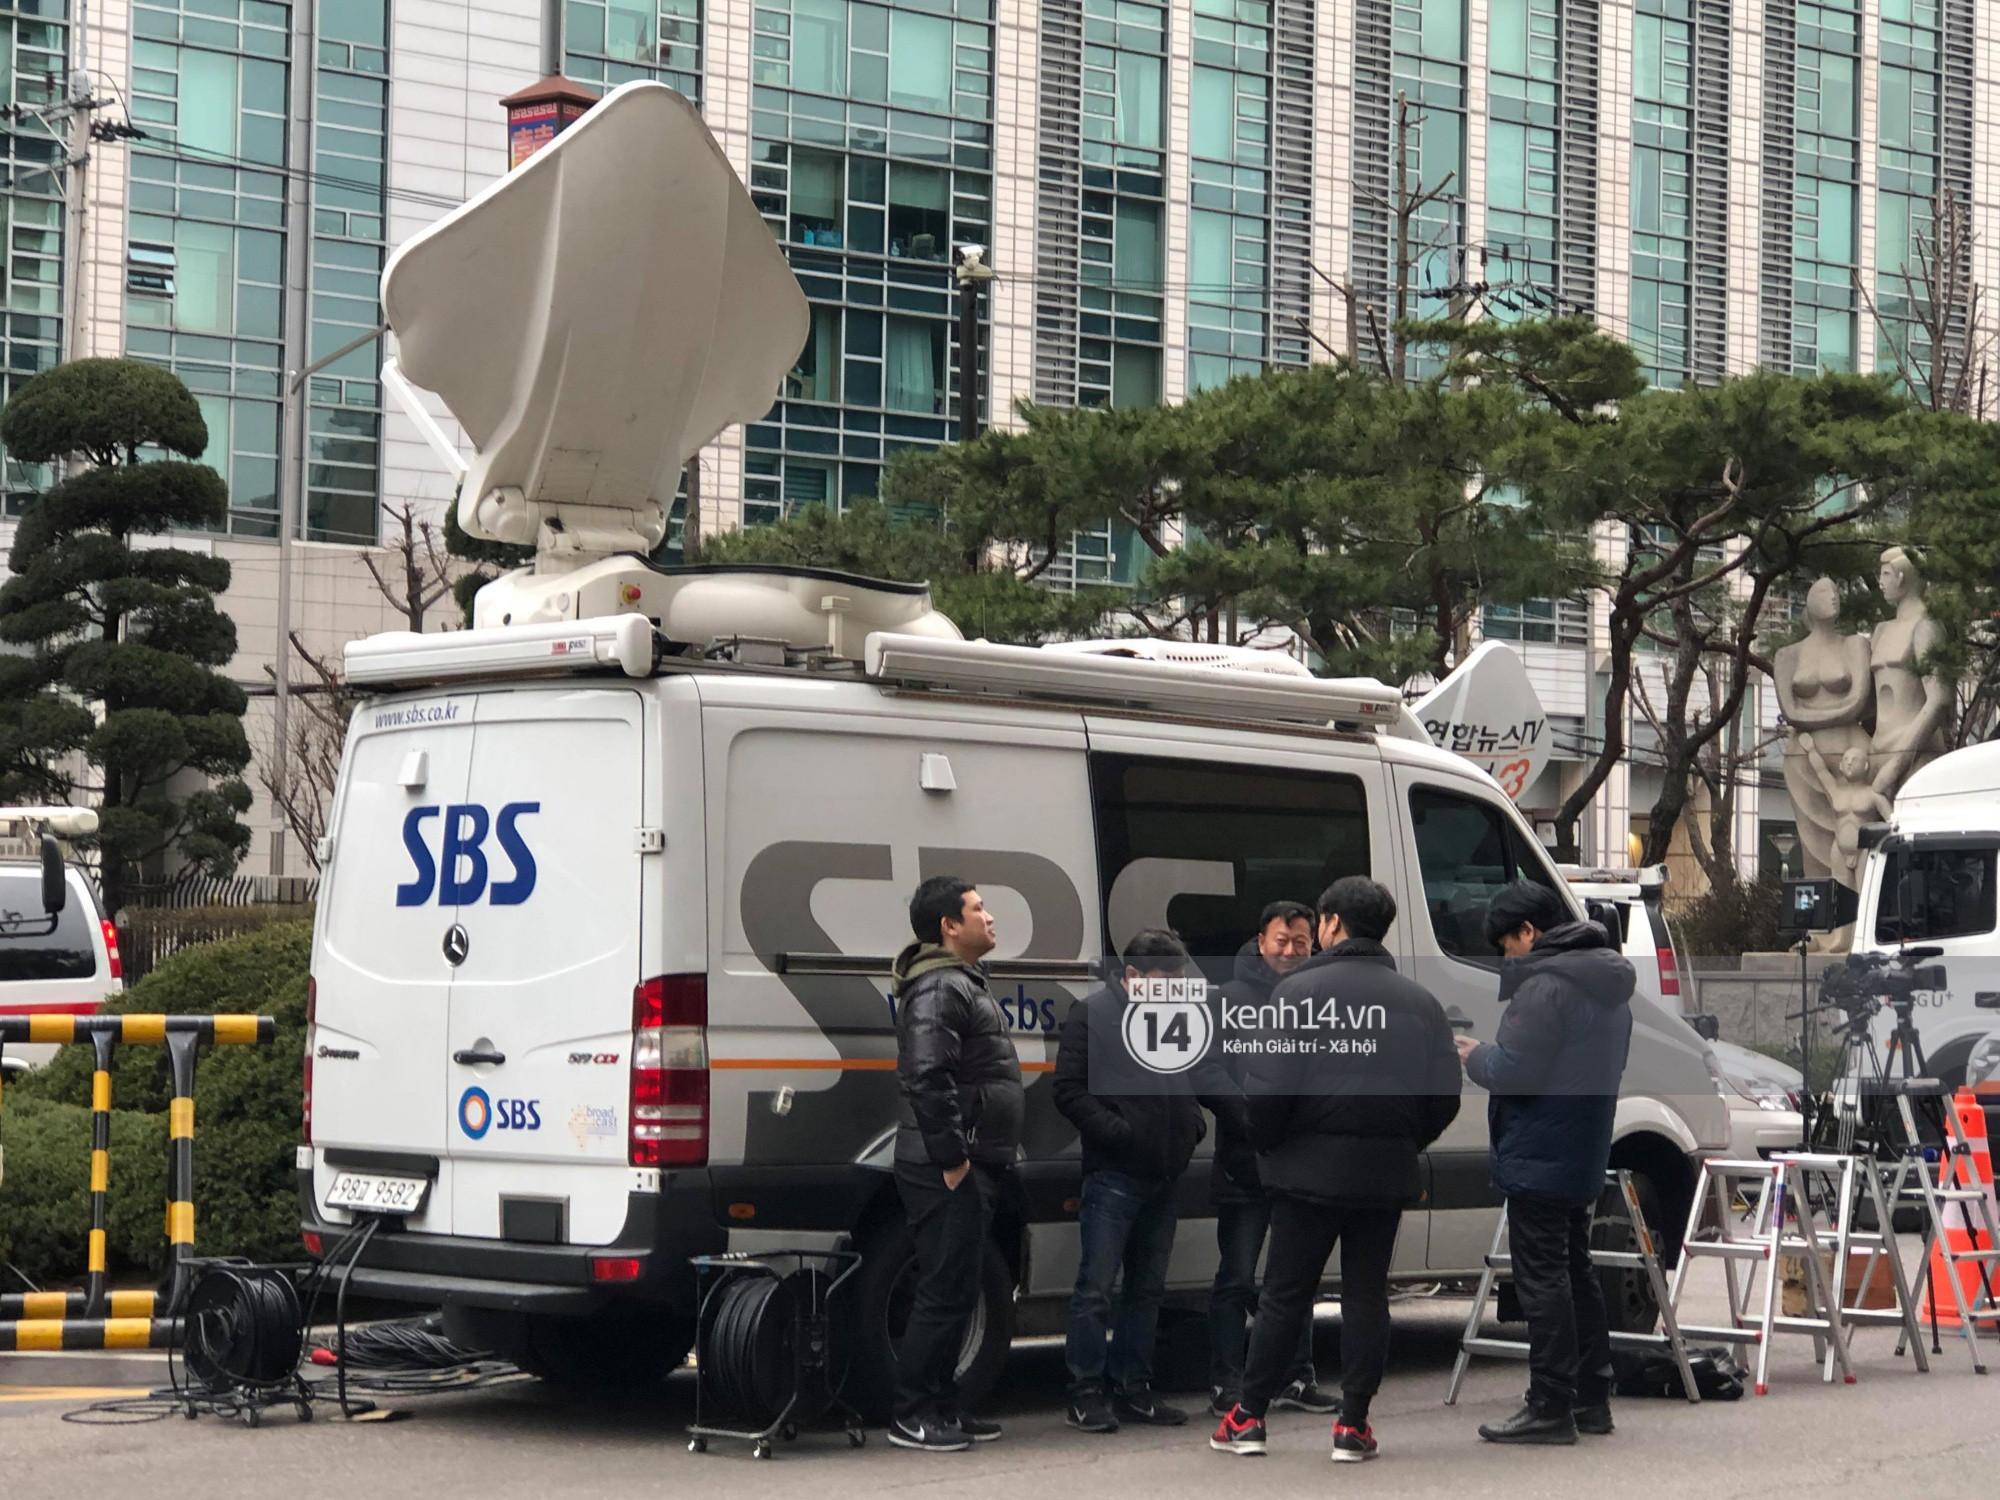 Tường thuật độc quyền từ Hàn Quốc: Seungri, Jung Joon Young chuẩn bị thẩm vấn xong, không khí hiện tại ra sao? - Ảnh 10.